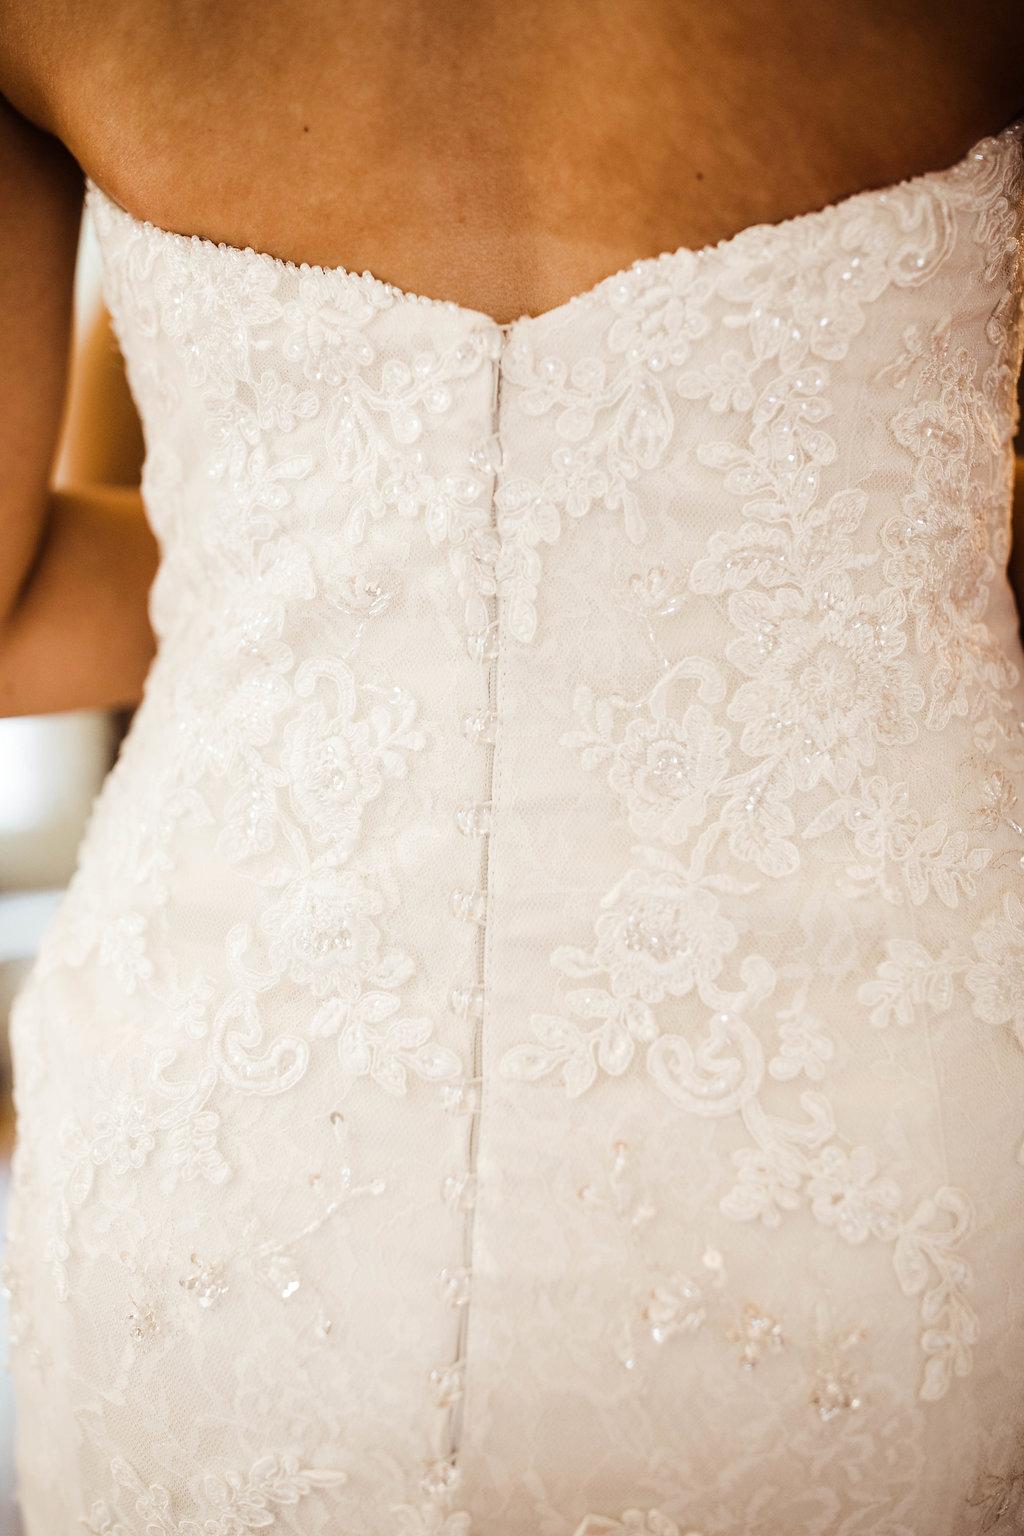 Erin+Tyson_The_Kelley_Farm_Wedding_by_Adina_Preston_Weddings_118.JPG